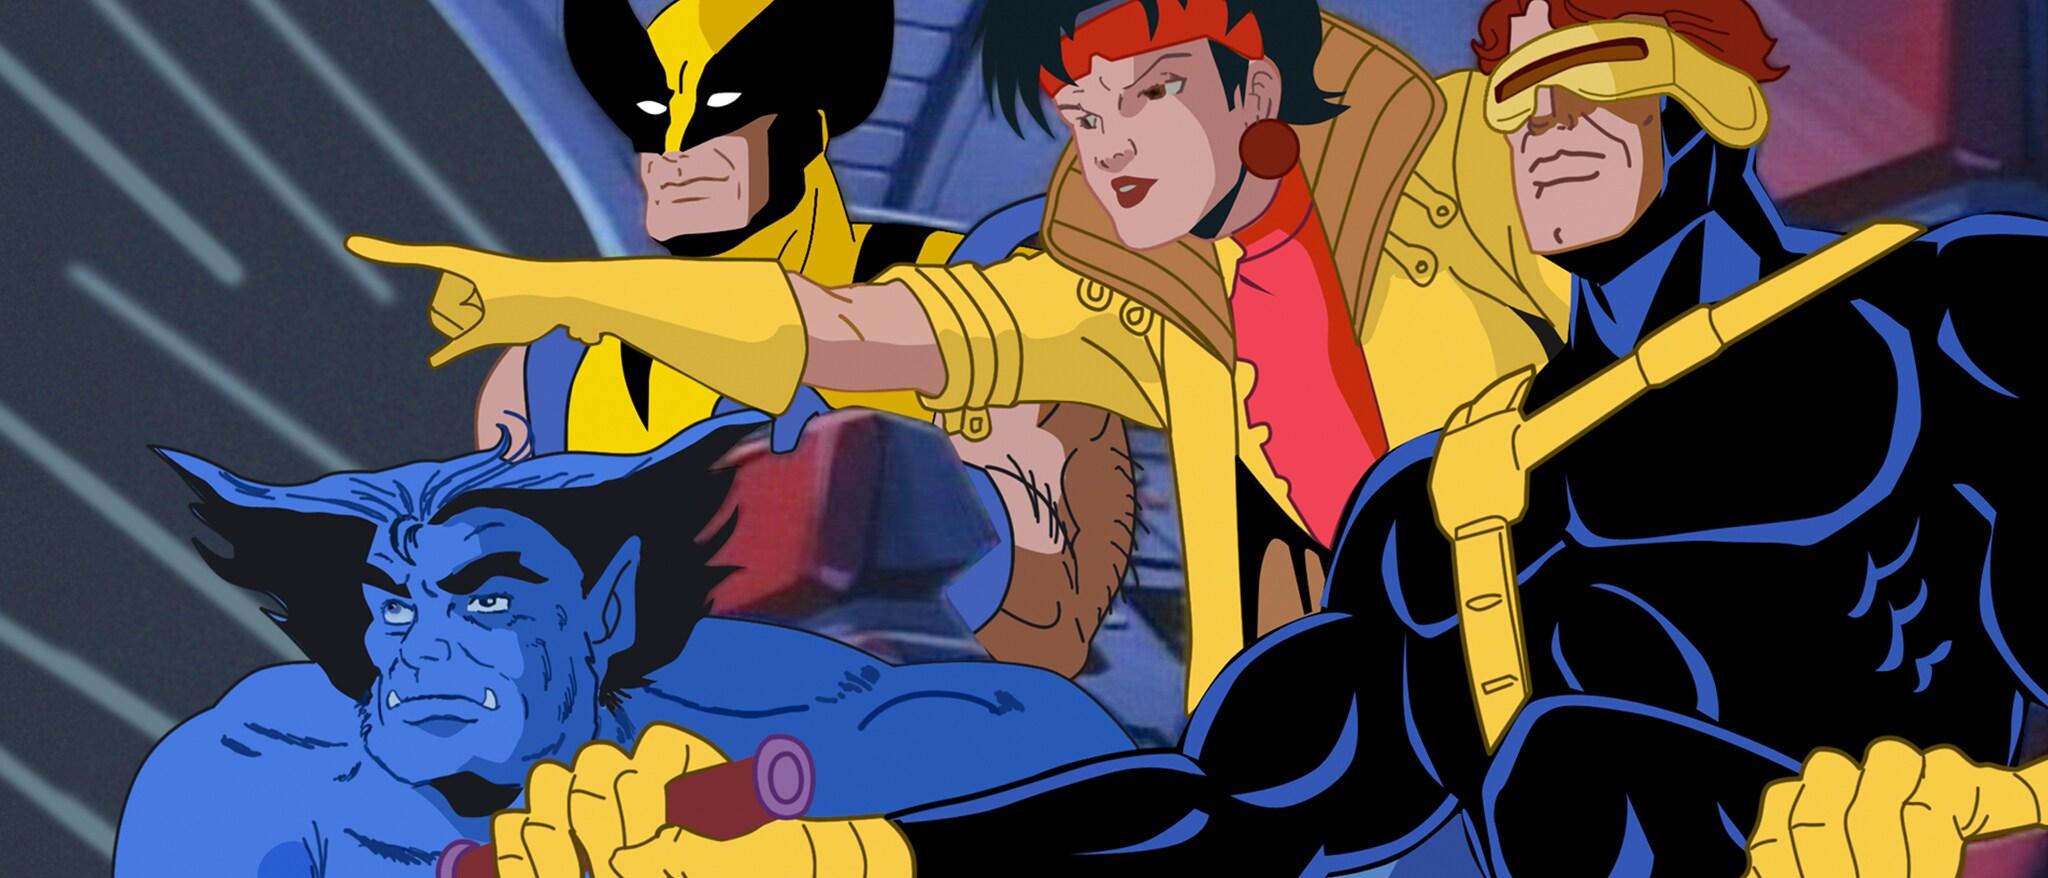 X-Men hero